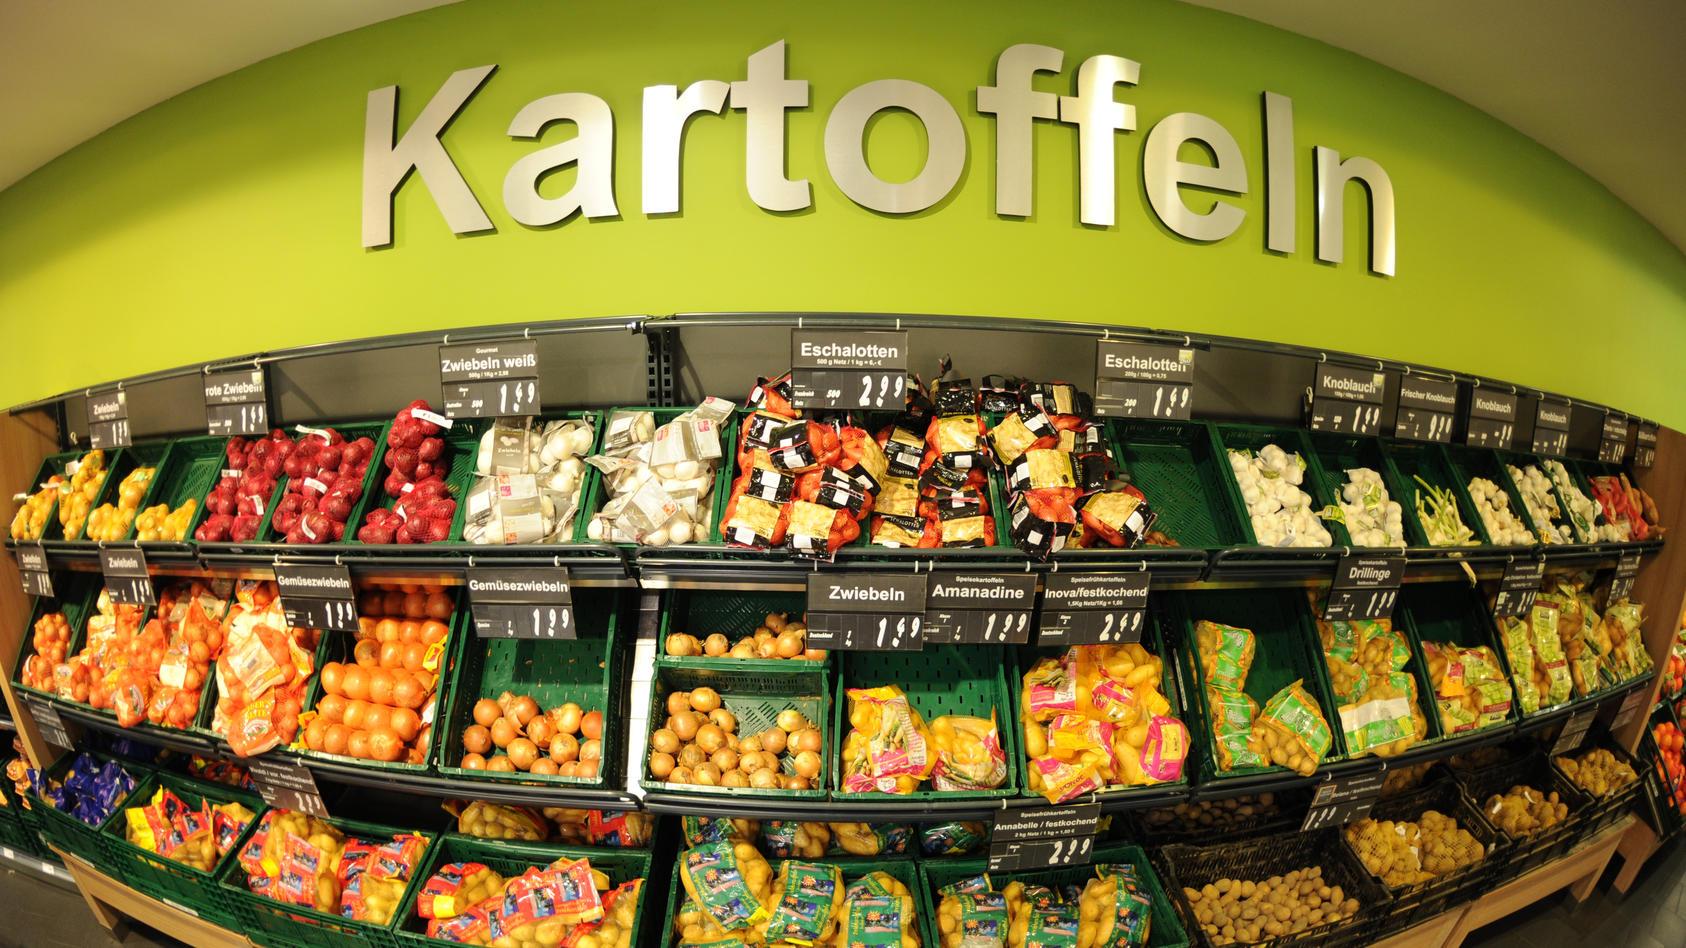 Die Preise für Gemüse sind im Vergleich zum Vorjahr mit 11 % Steigerung geradezu in die Höhe geschossen.